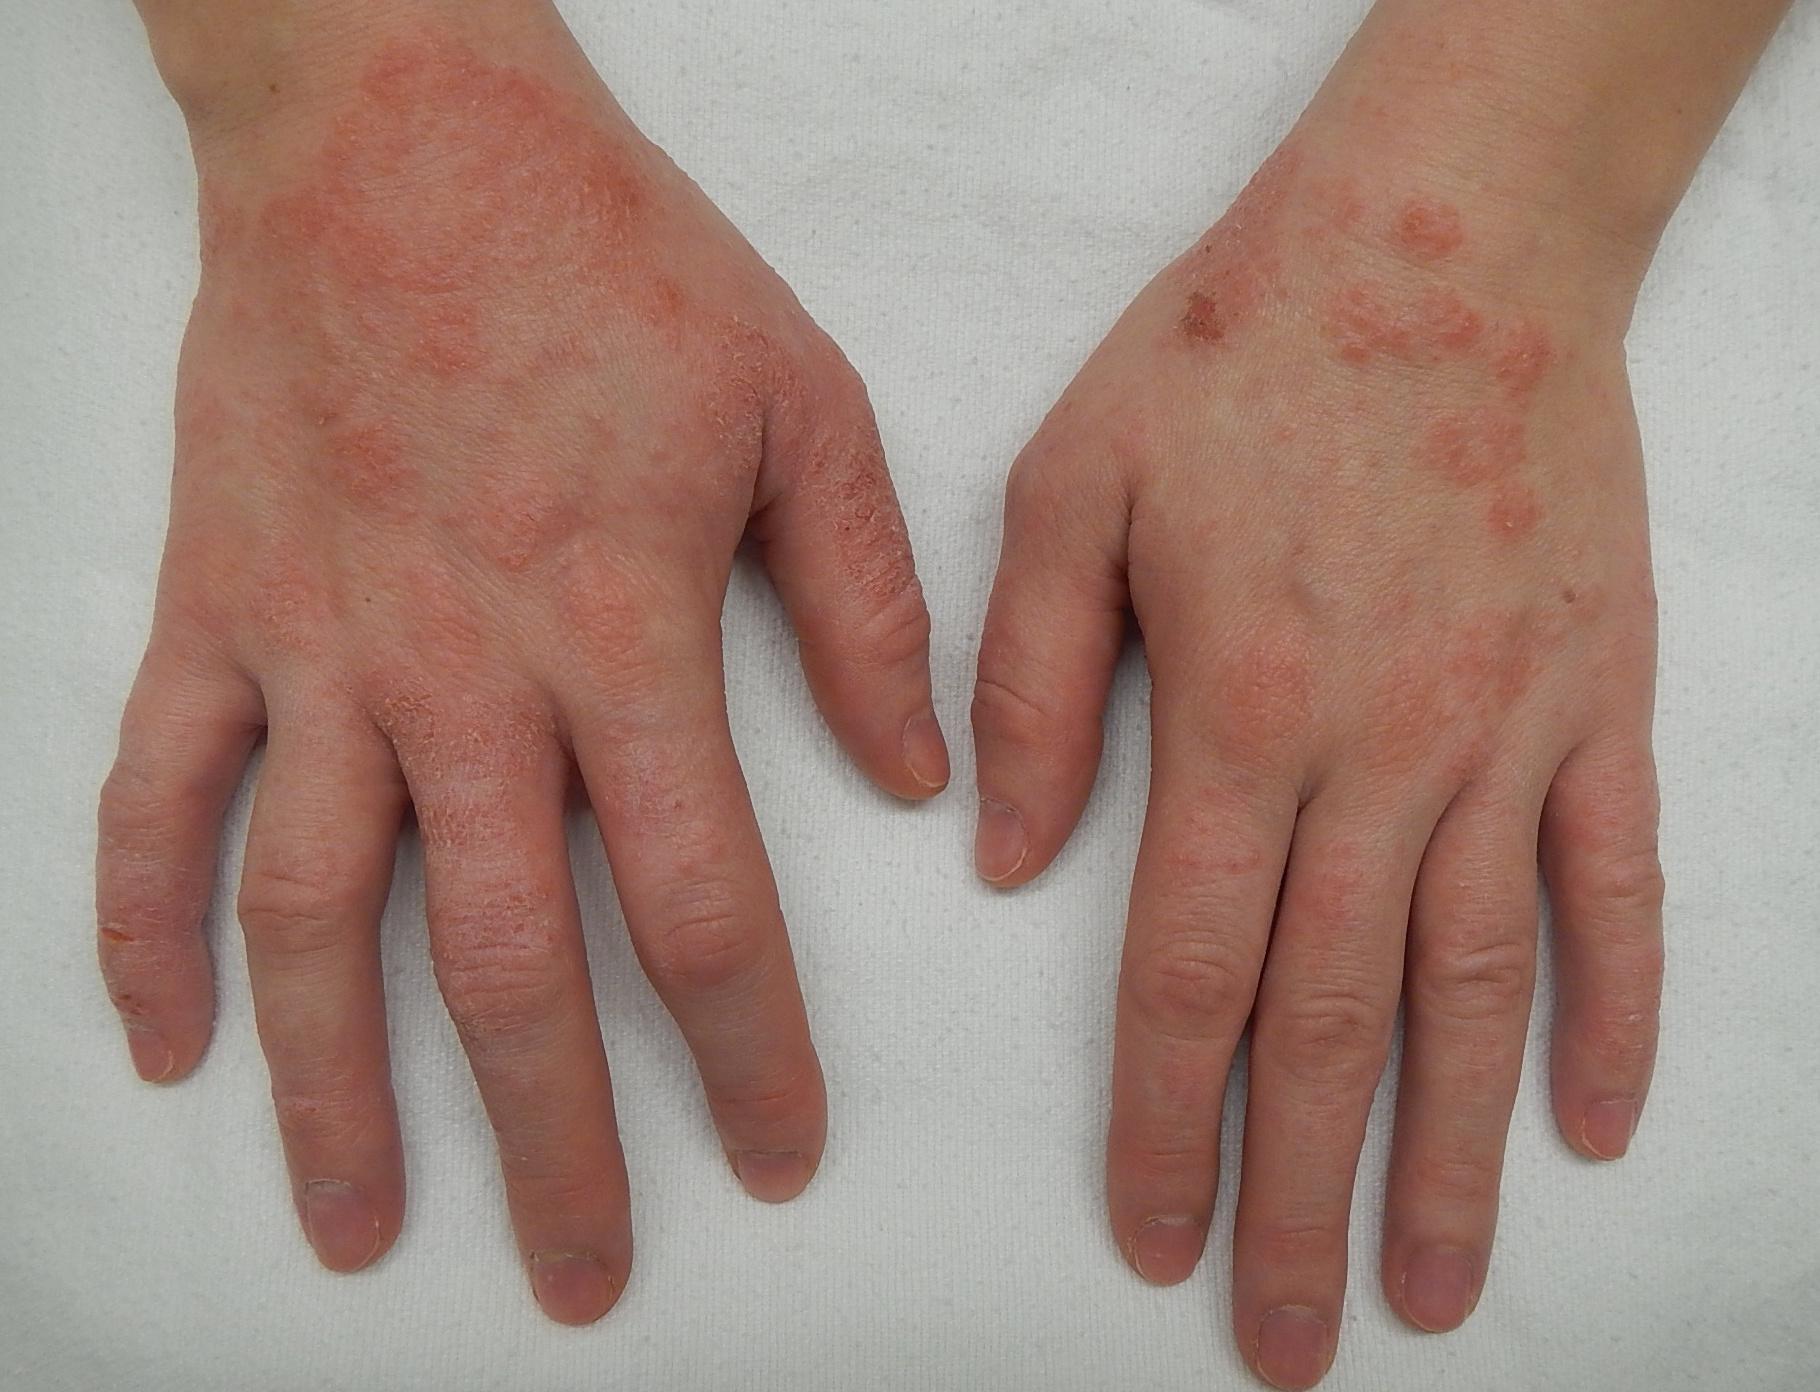 piros foltok kezek hasi nyak kiütés a vörös foltok lábának bőrén